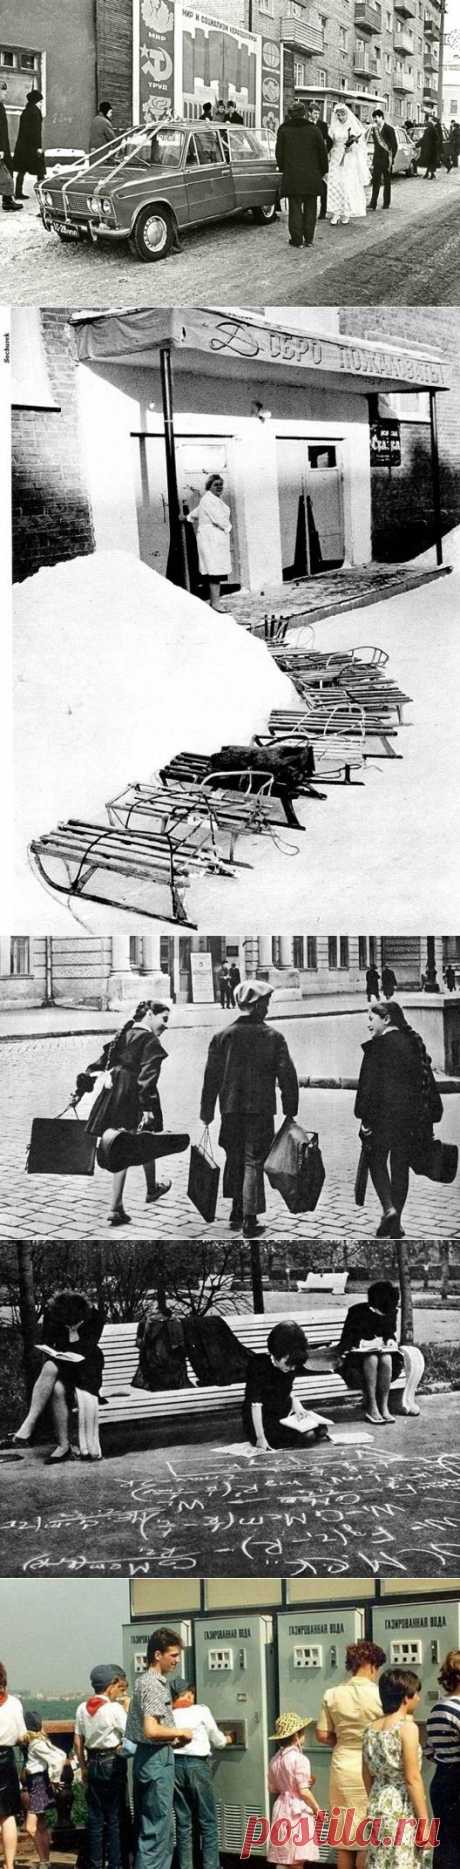 (+1) тема - Назад в прошлое – душевные снимки из СССР | Дети перестройки